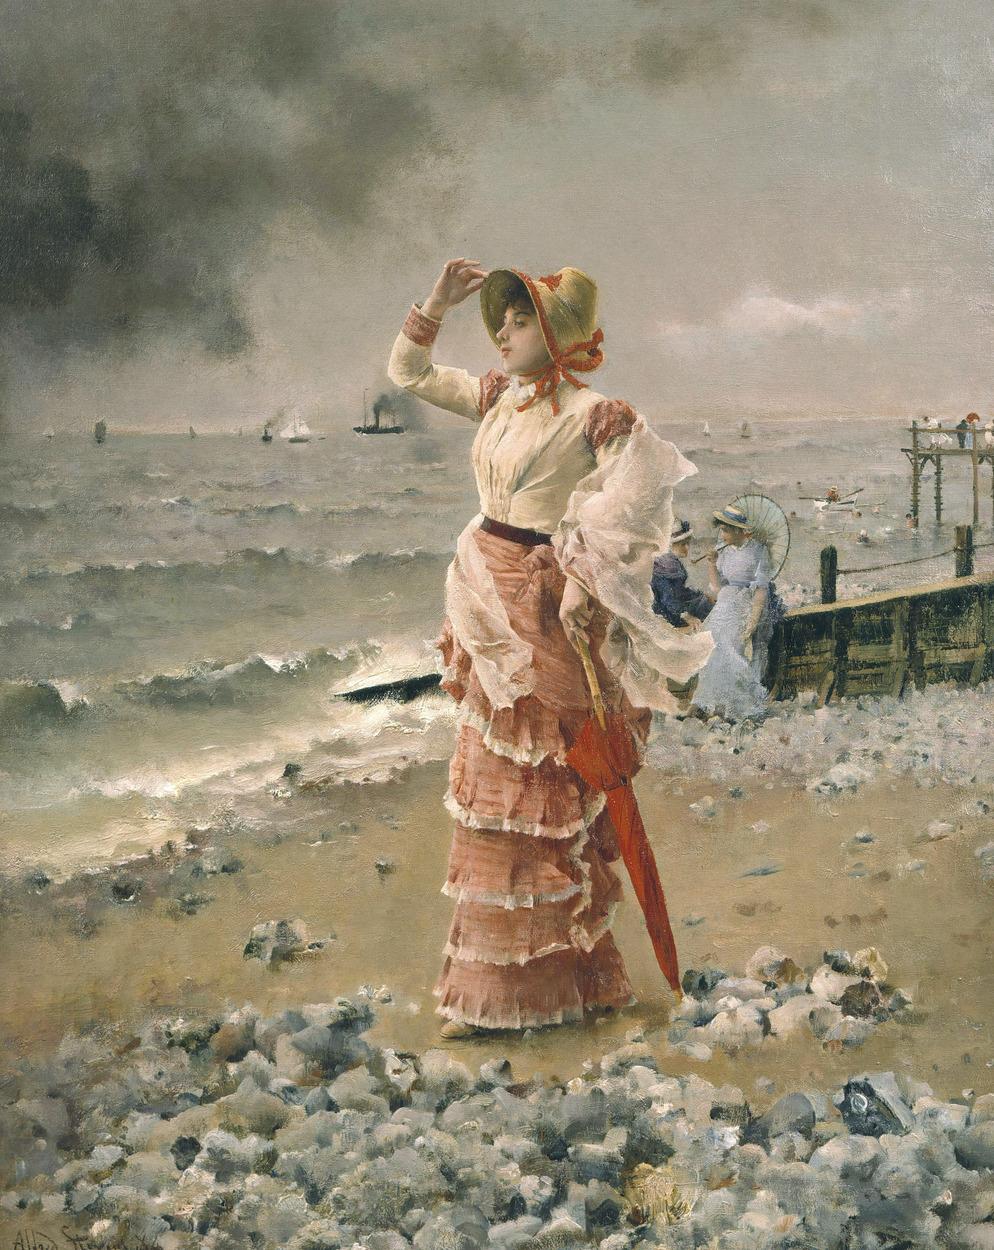 http://upload.wikimedia.org/wikipedia/commons/c/ce/Stevens_Alfred_Reverie_-_Femme_Elegante_Voyant_Filer_Un_Vapeur.jpg